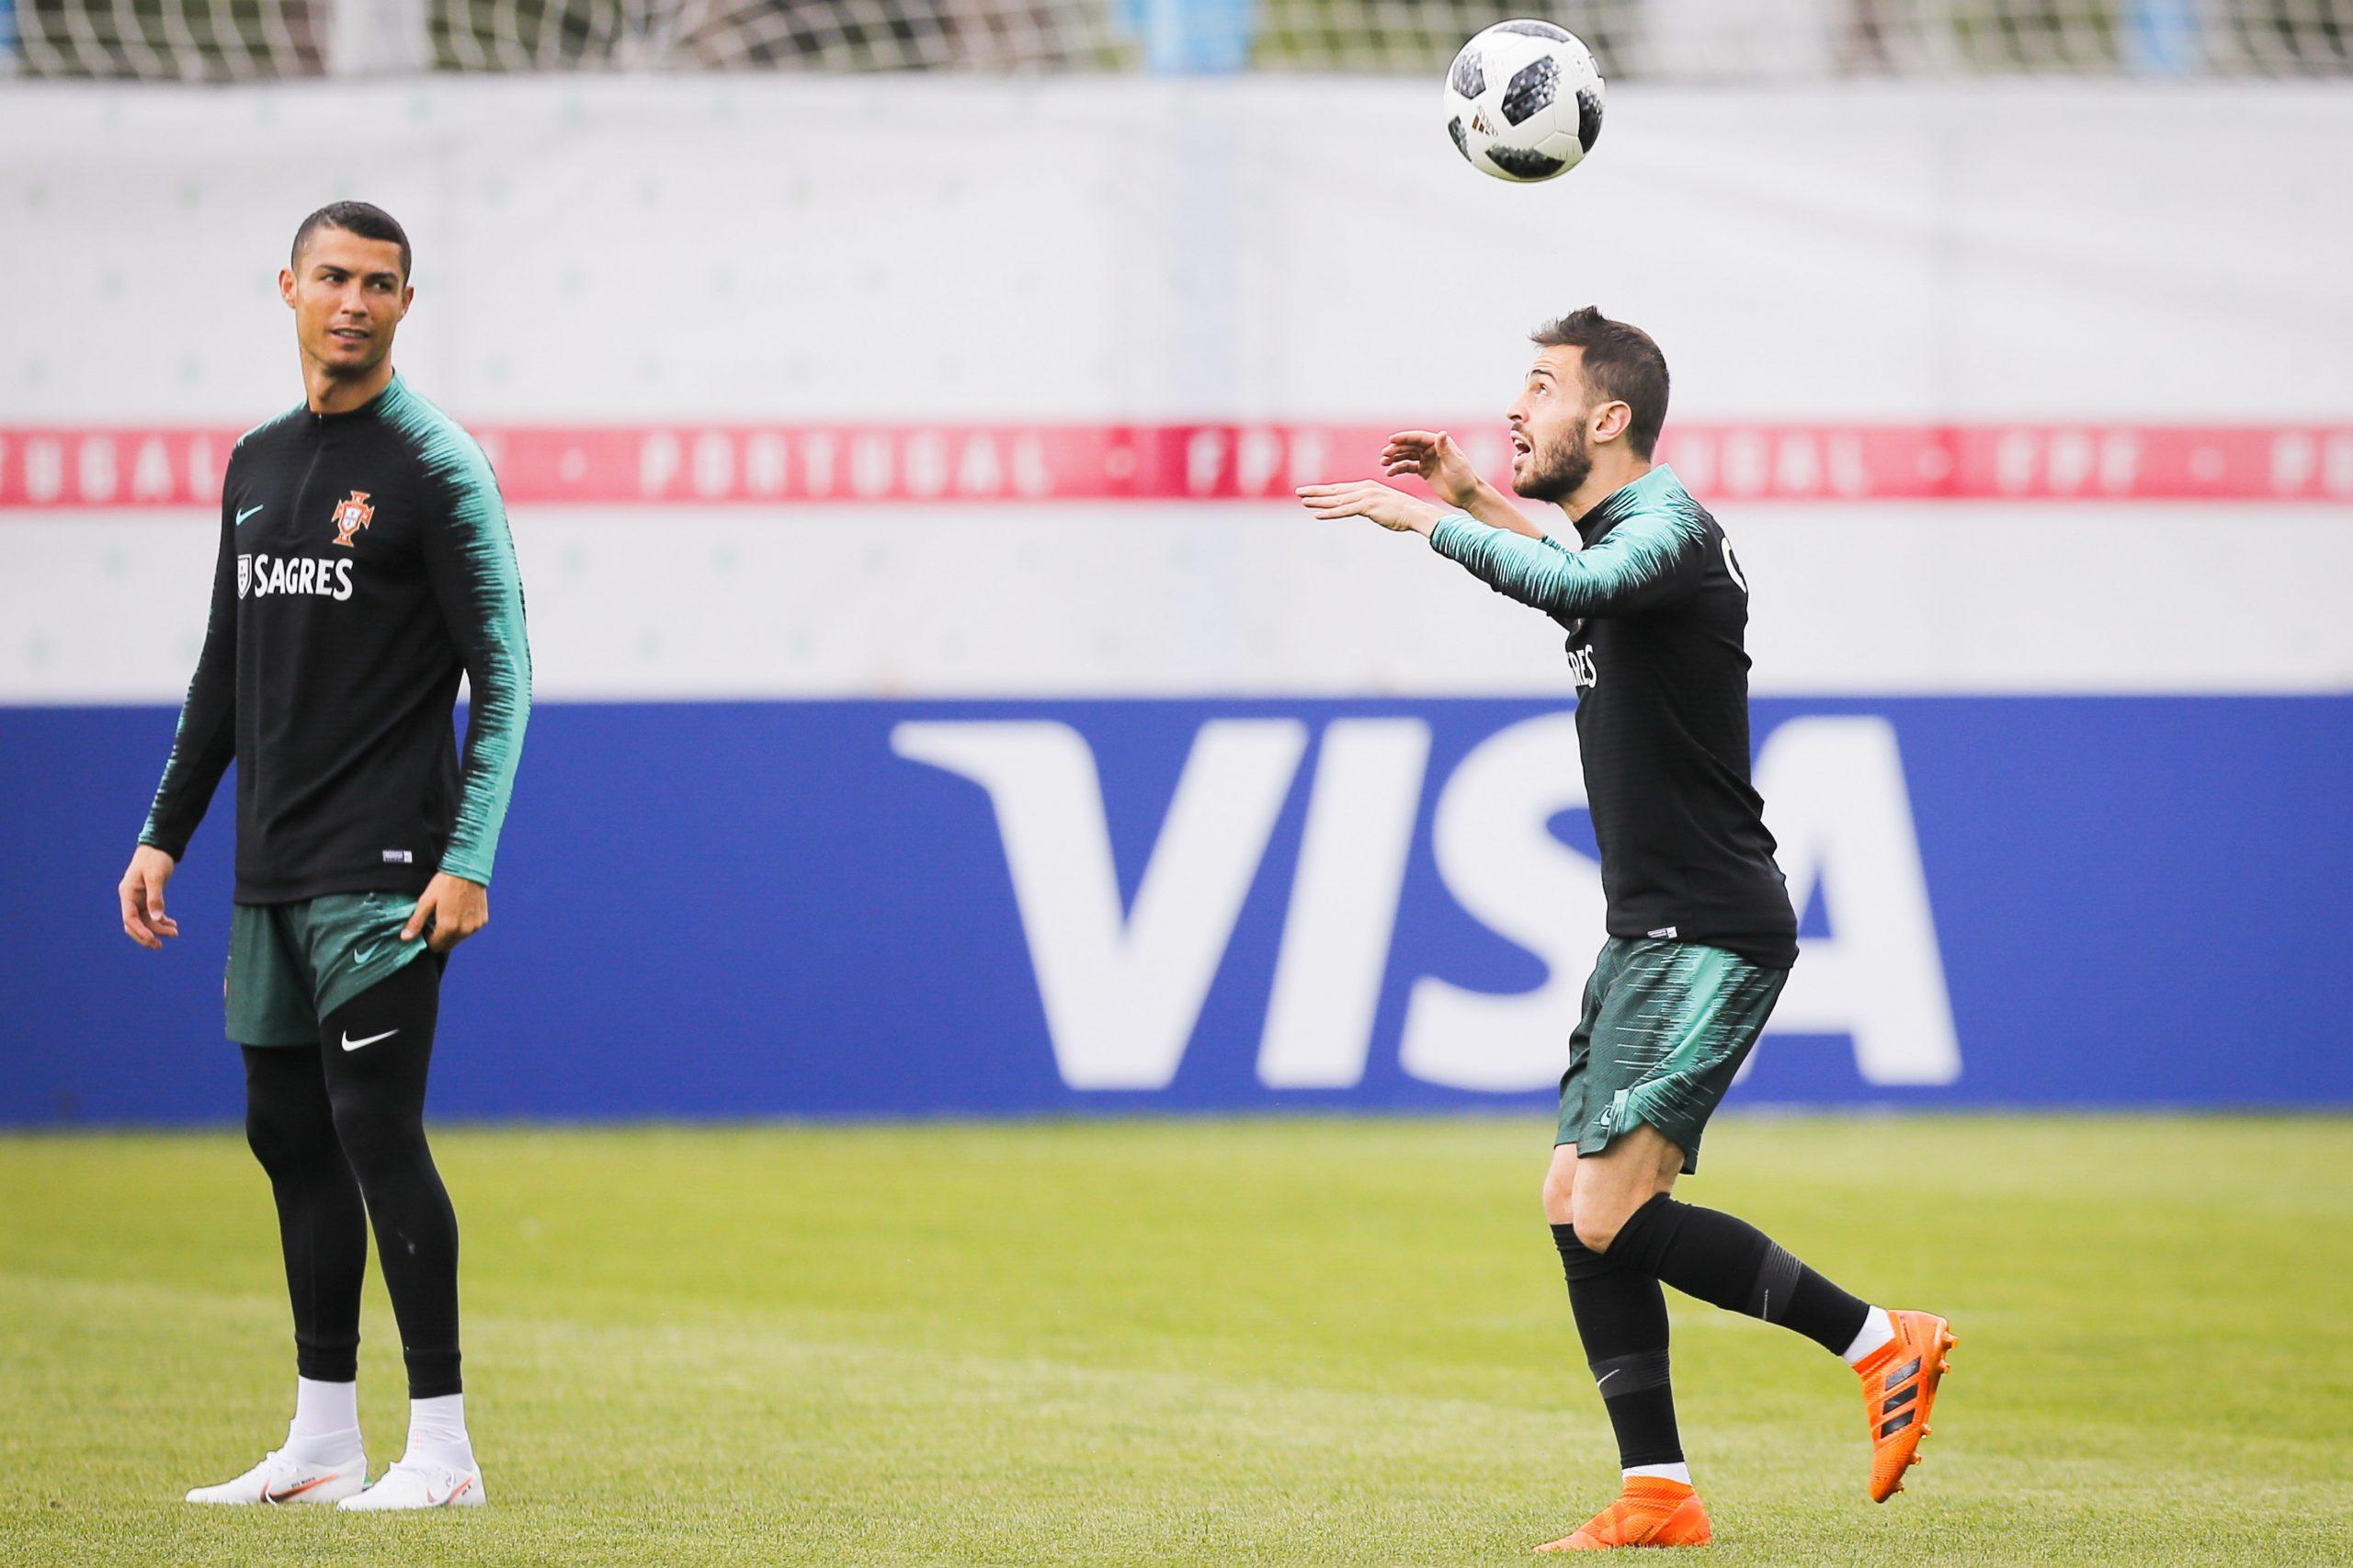 Bernardo Silva et Cristiano Ronaldo à l'entrainement